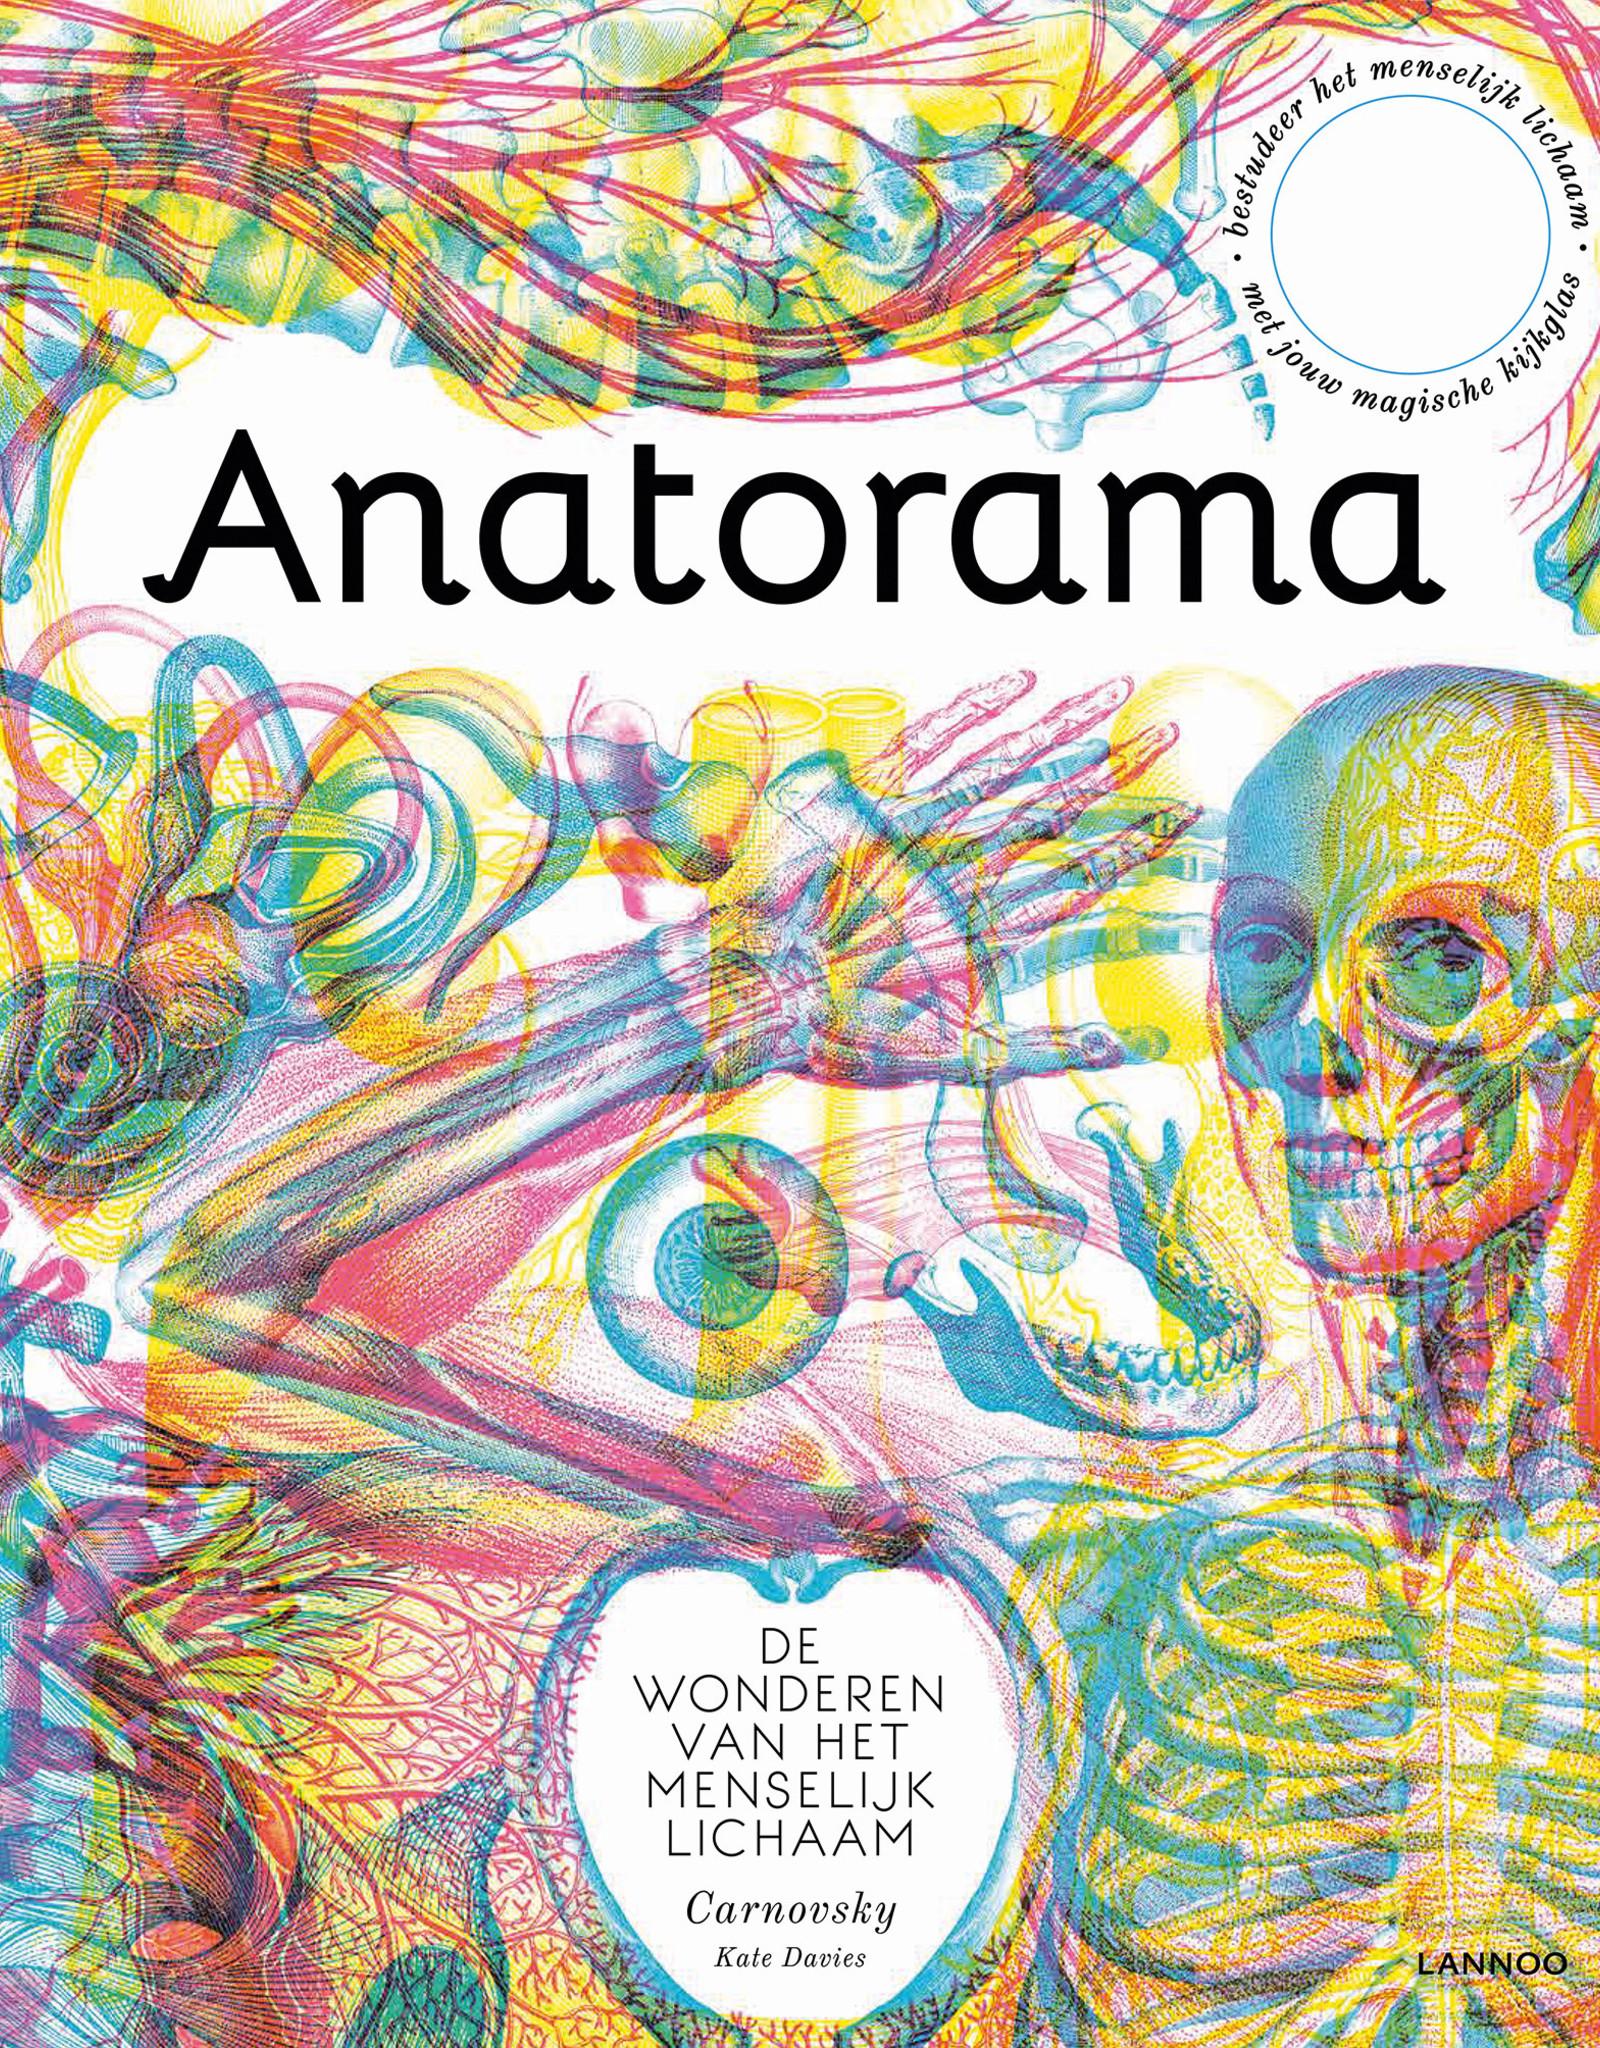 Anatorama